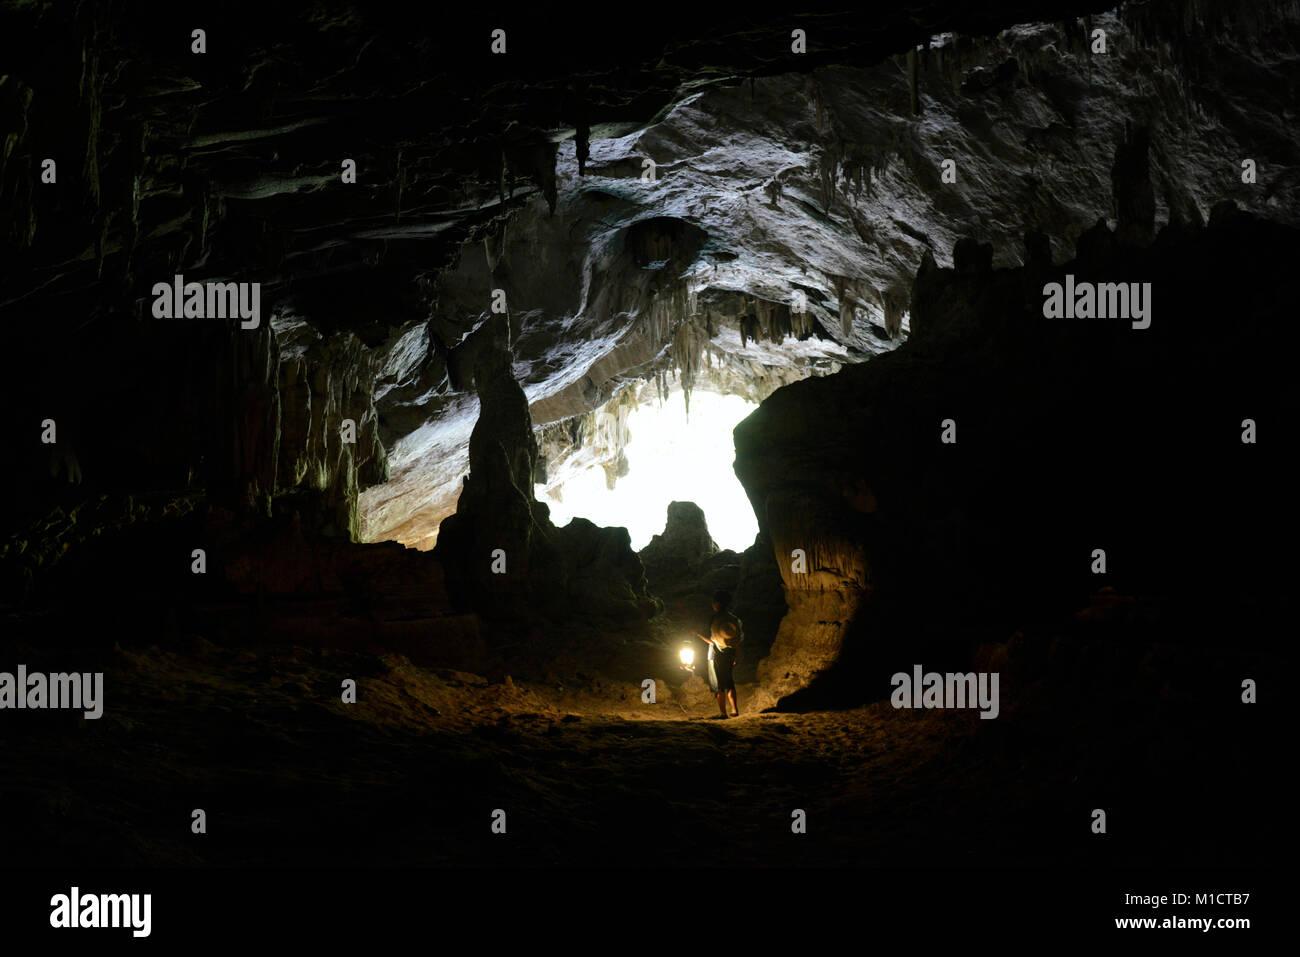 Die Hoehle Cave Pangmapha in der Bergregion von Soppong im norden von Thailand in Suedostasien. - Stock Image